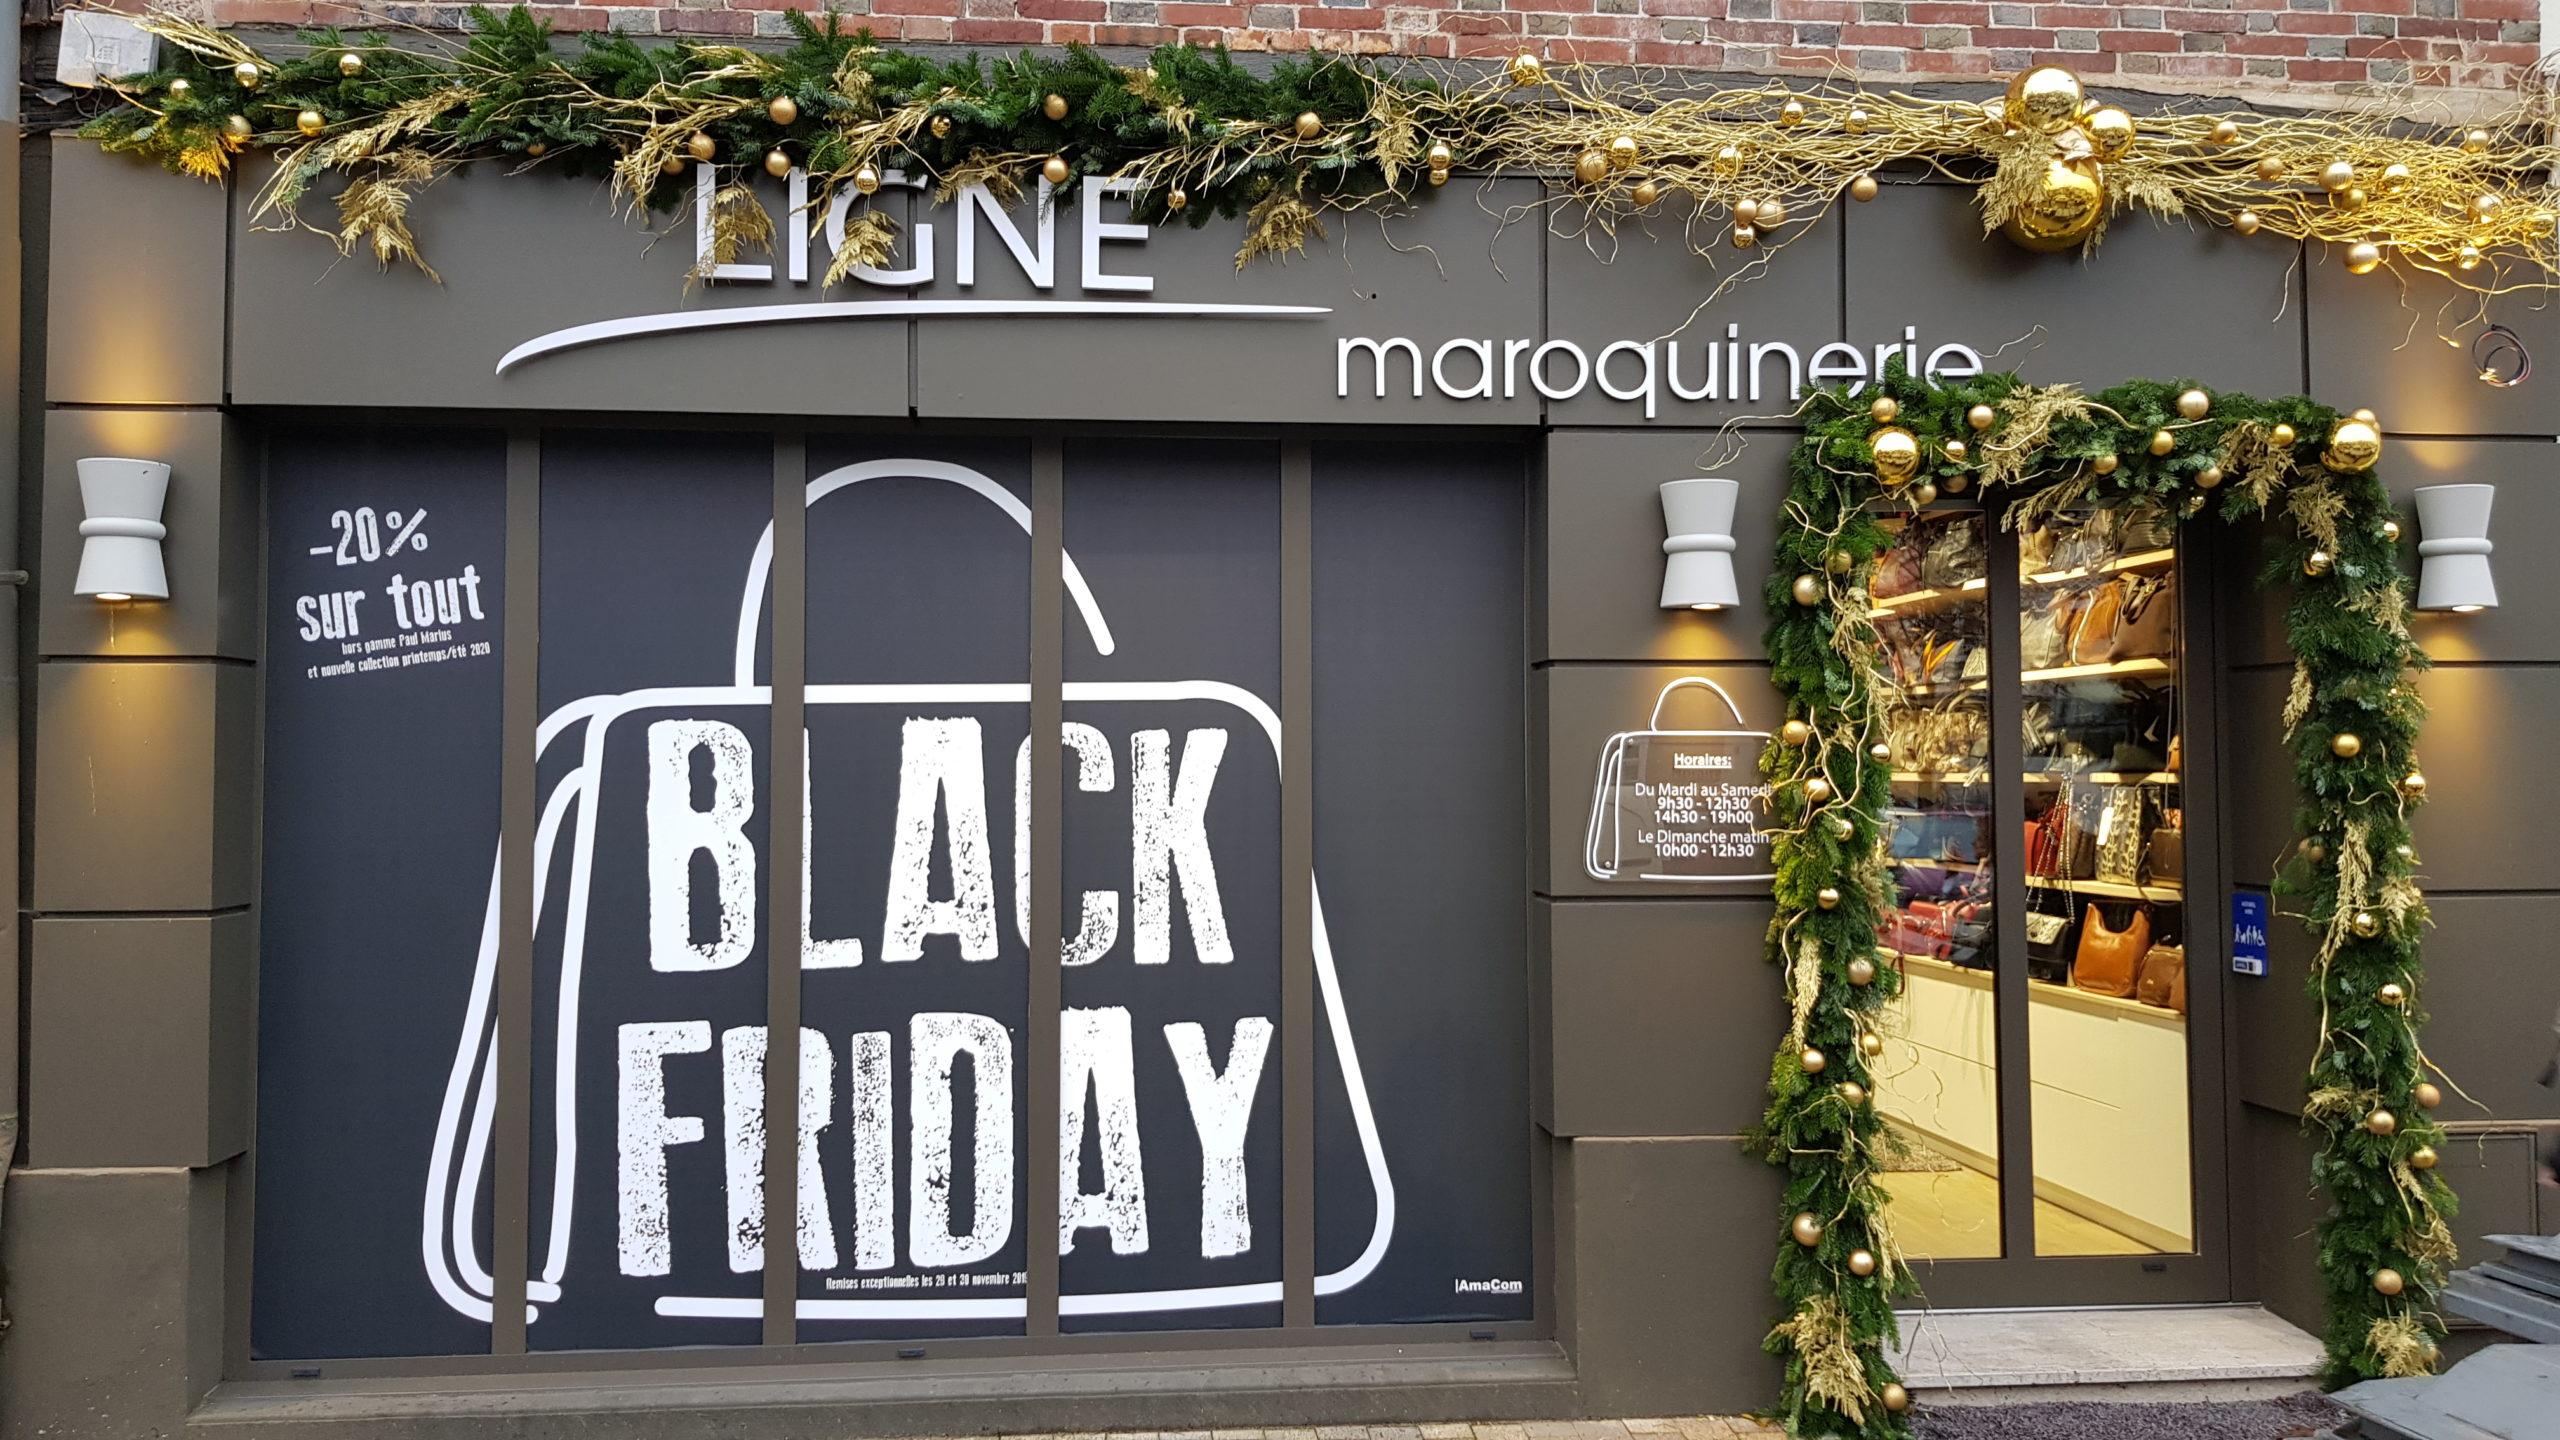 adhésif personnalisé en vitrine Black Friday commerce Ligne Maroquinerie Le Neubourg